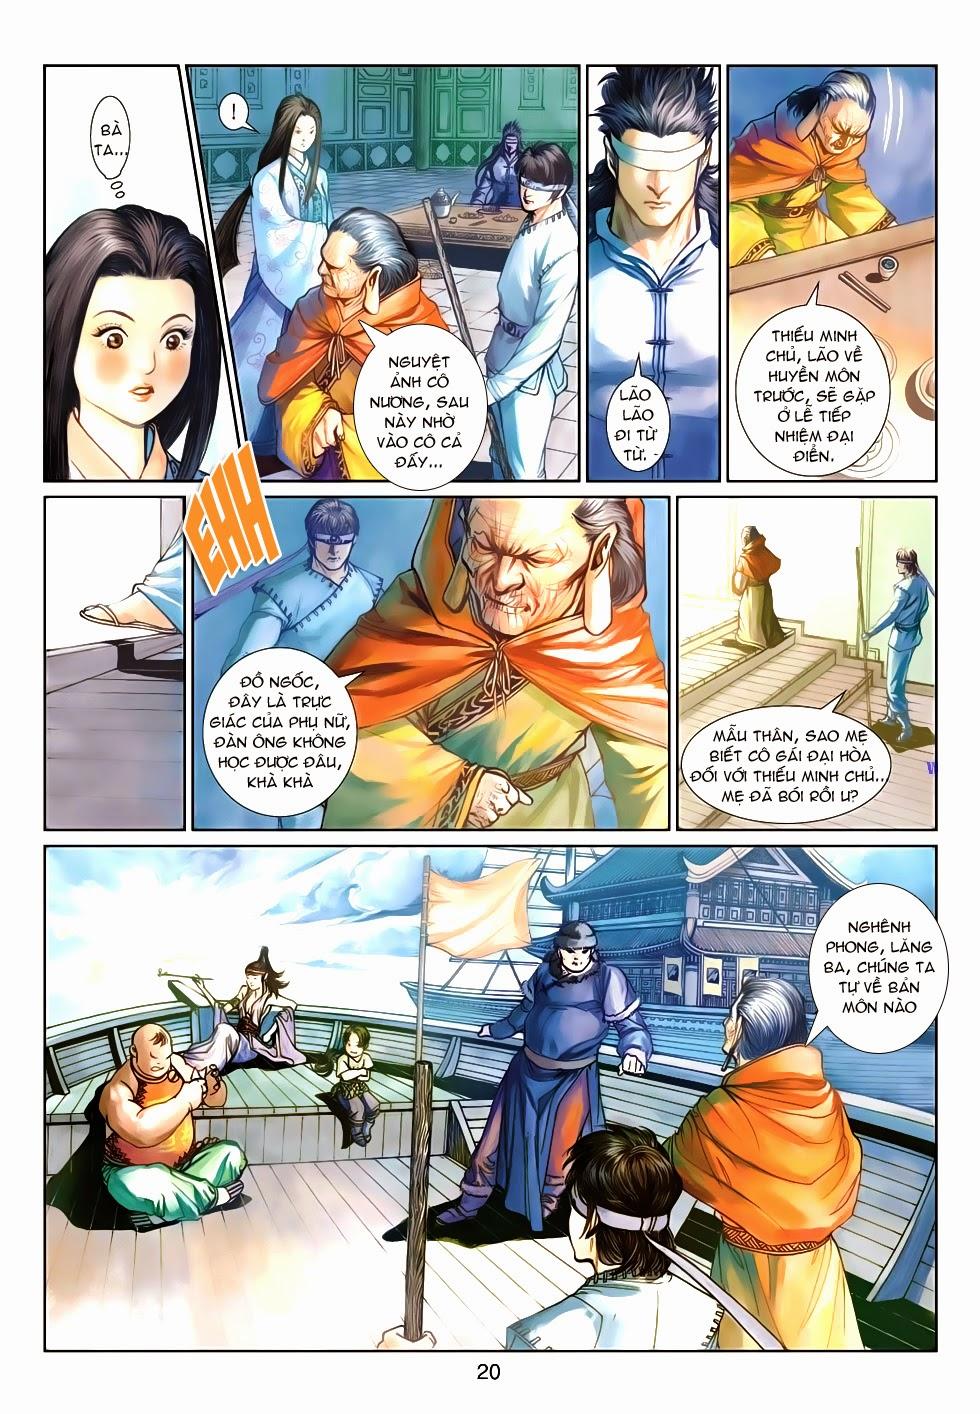 Thần Binh Tiền Truyện 4 - Huyền Thiên Tà Đế chap 9 - Trang 20